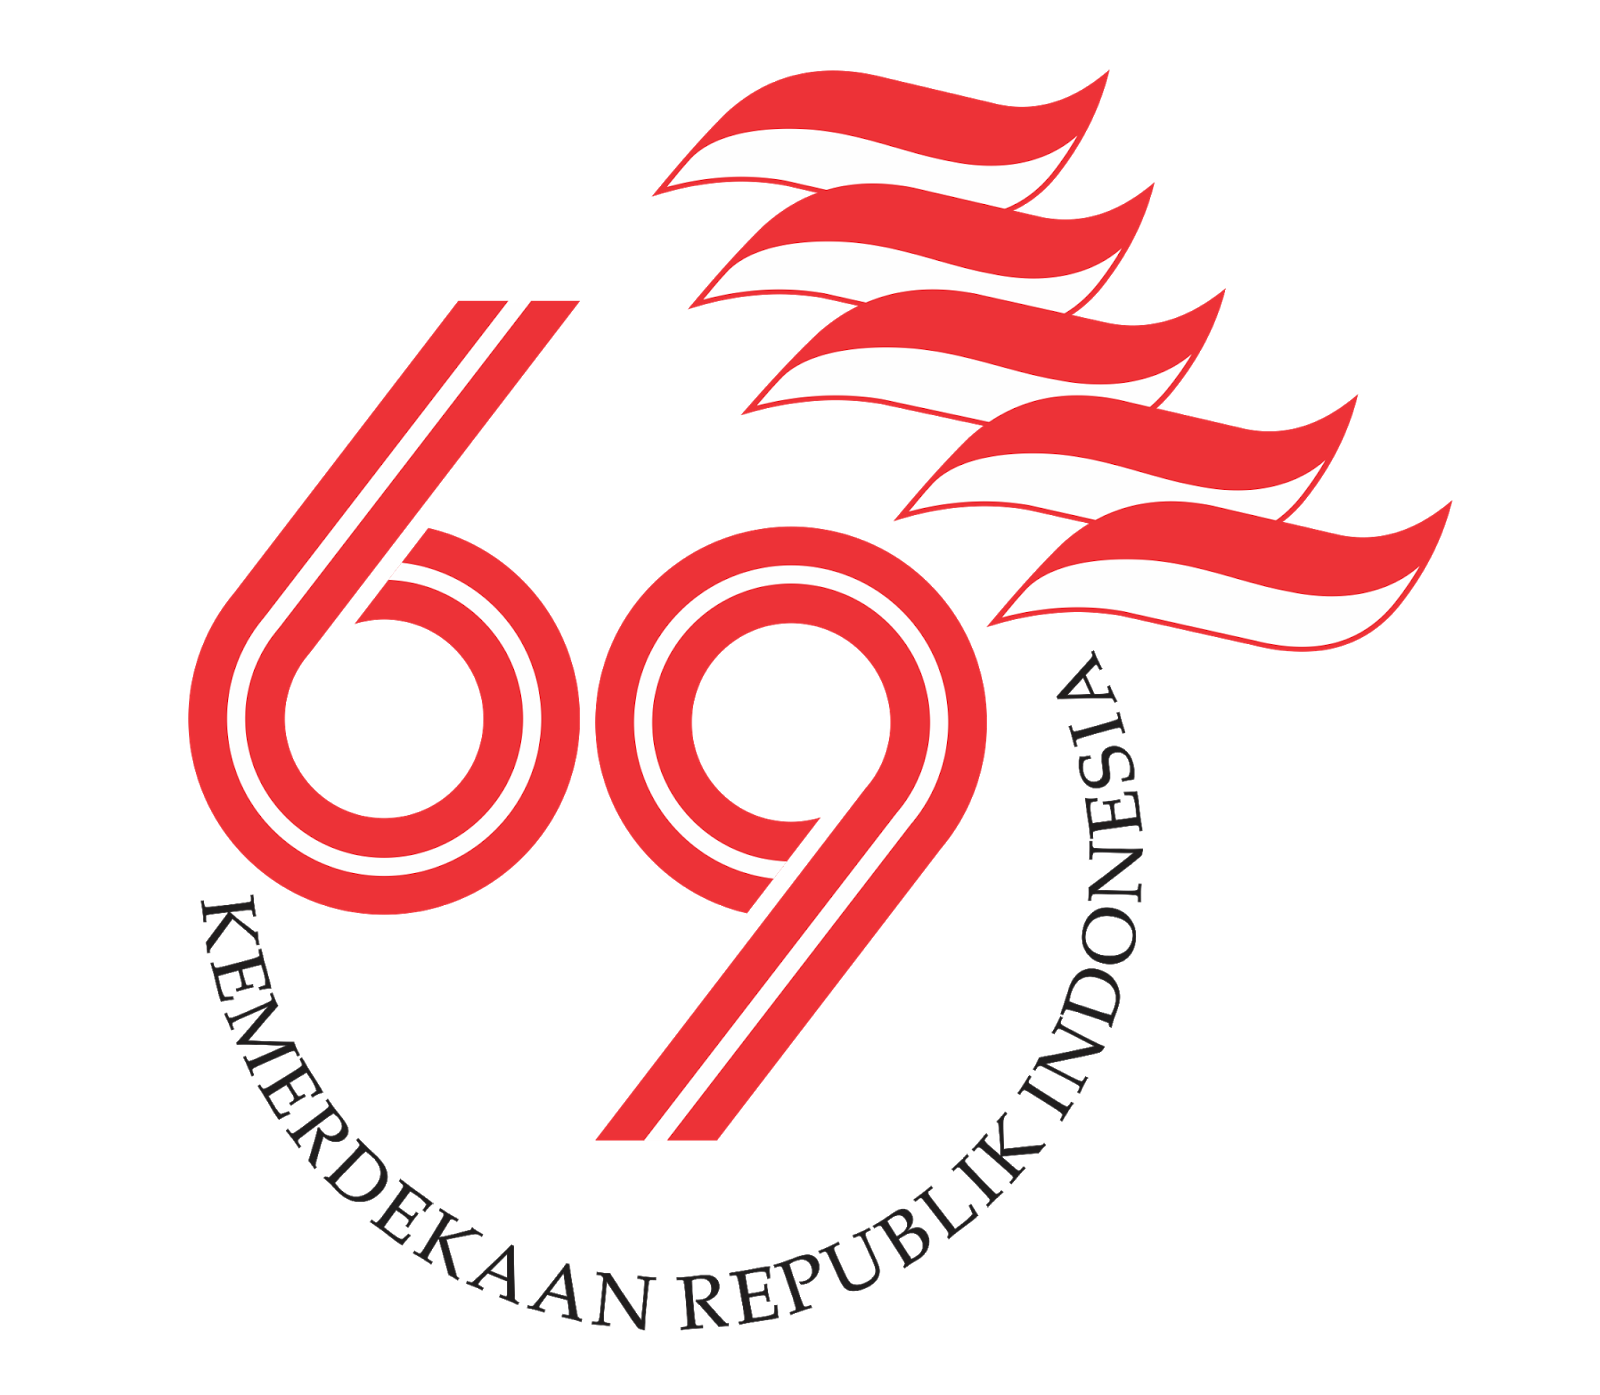 LOGO PERINGATAN HUT KE-69 KEMERDEKAAN REPUBLIK INDONESIA TAHUN 2014